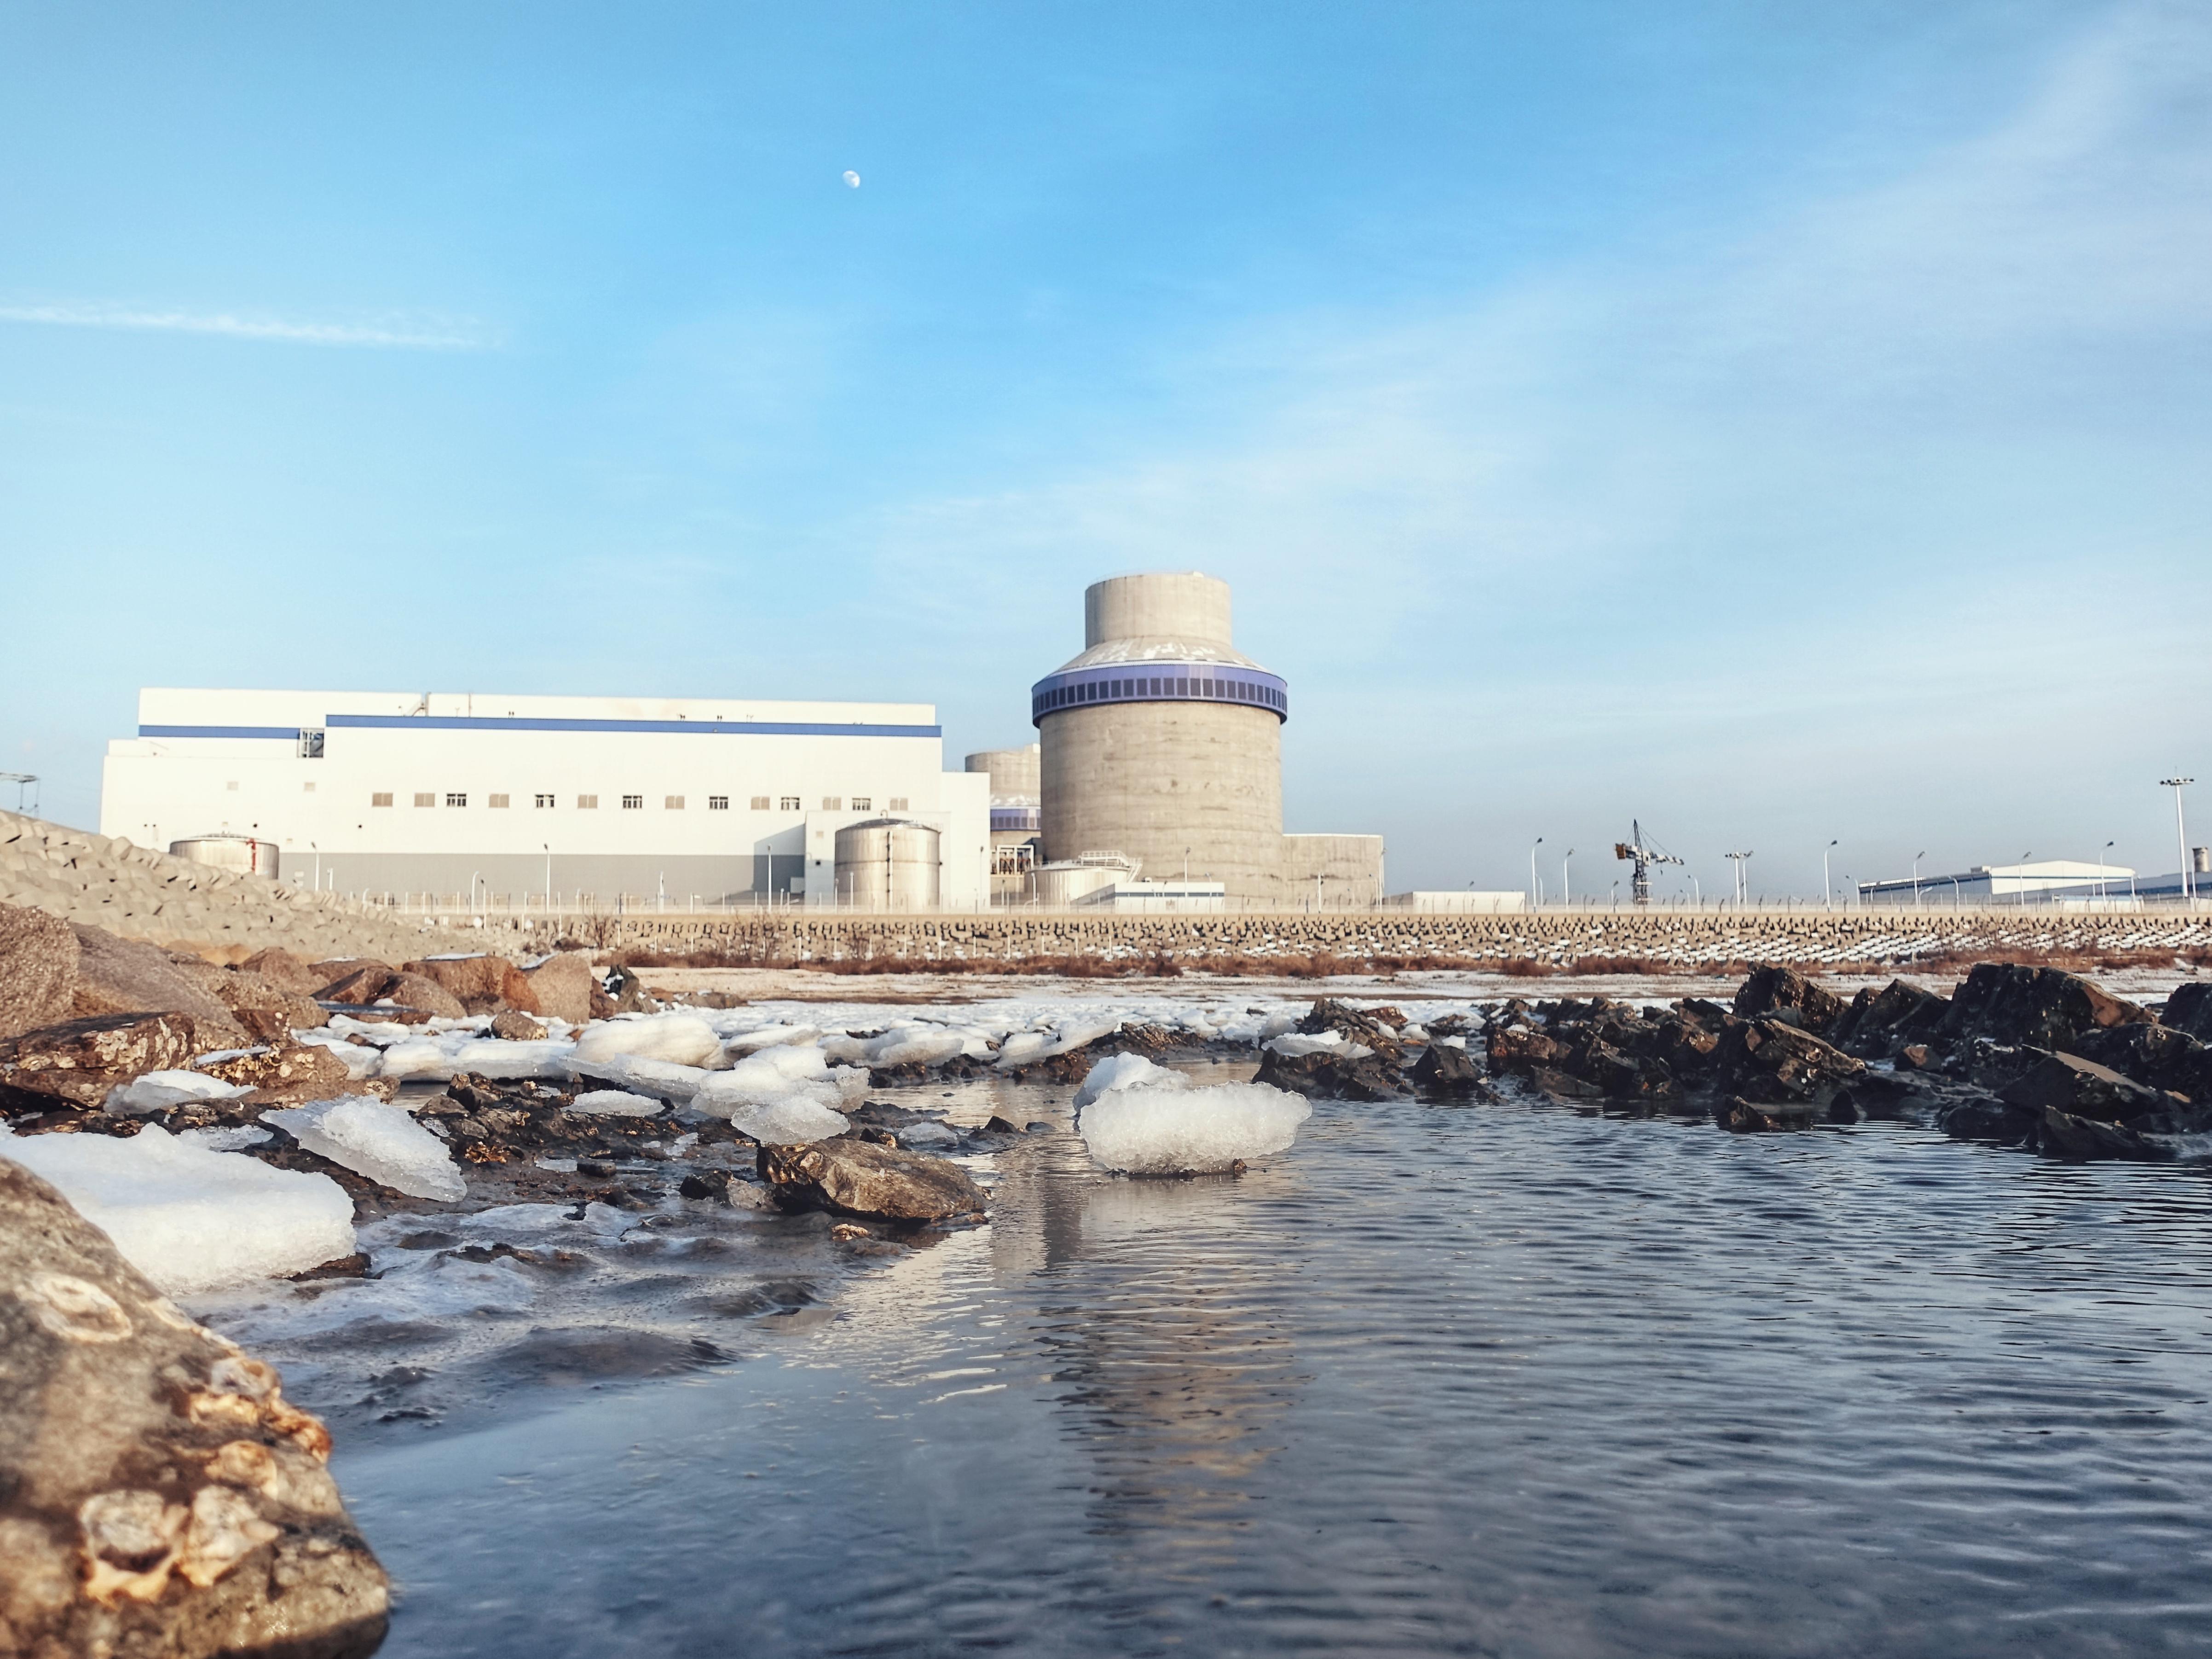 核能供热来了!发电之余兼职供热,安全吗?能大面积推广吗?